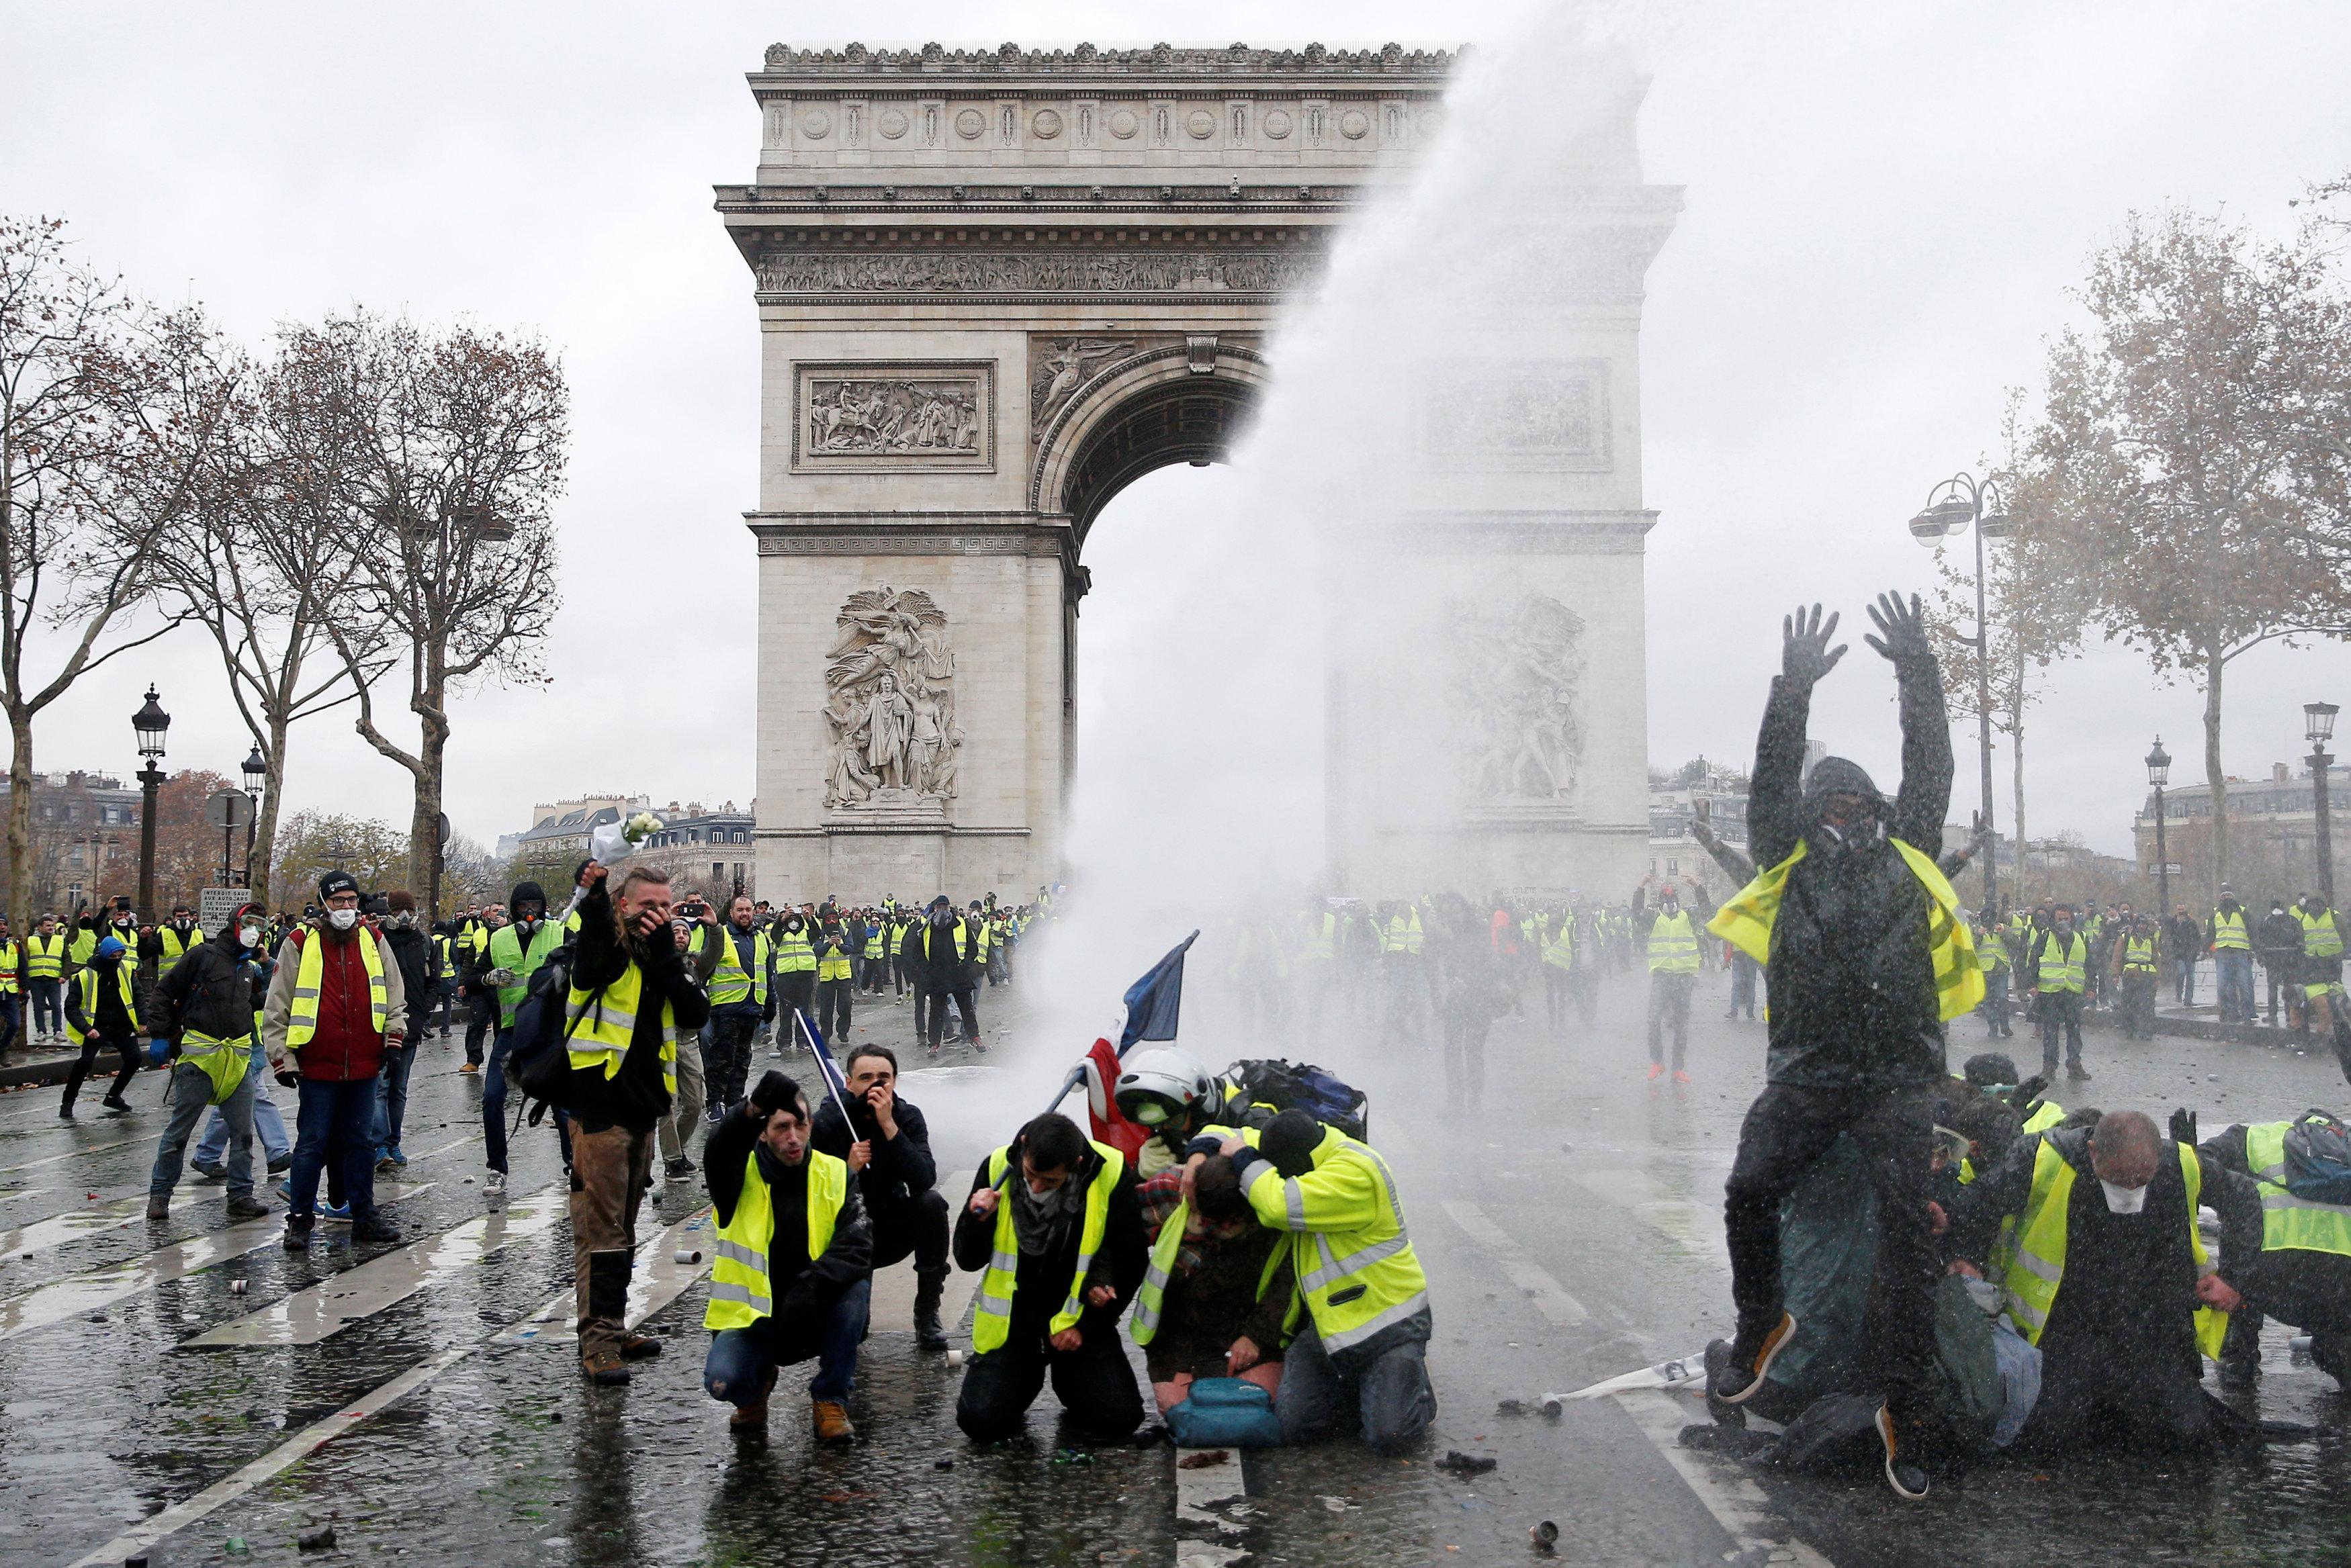 متظاهرو السترات الصفراء يحتجون على ارتفاع أسعار الوقود